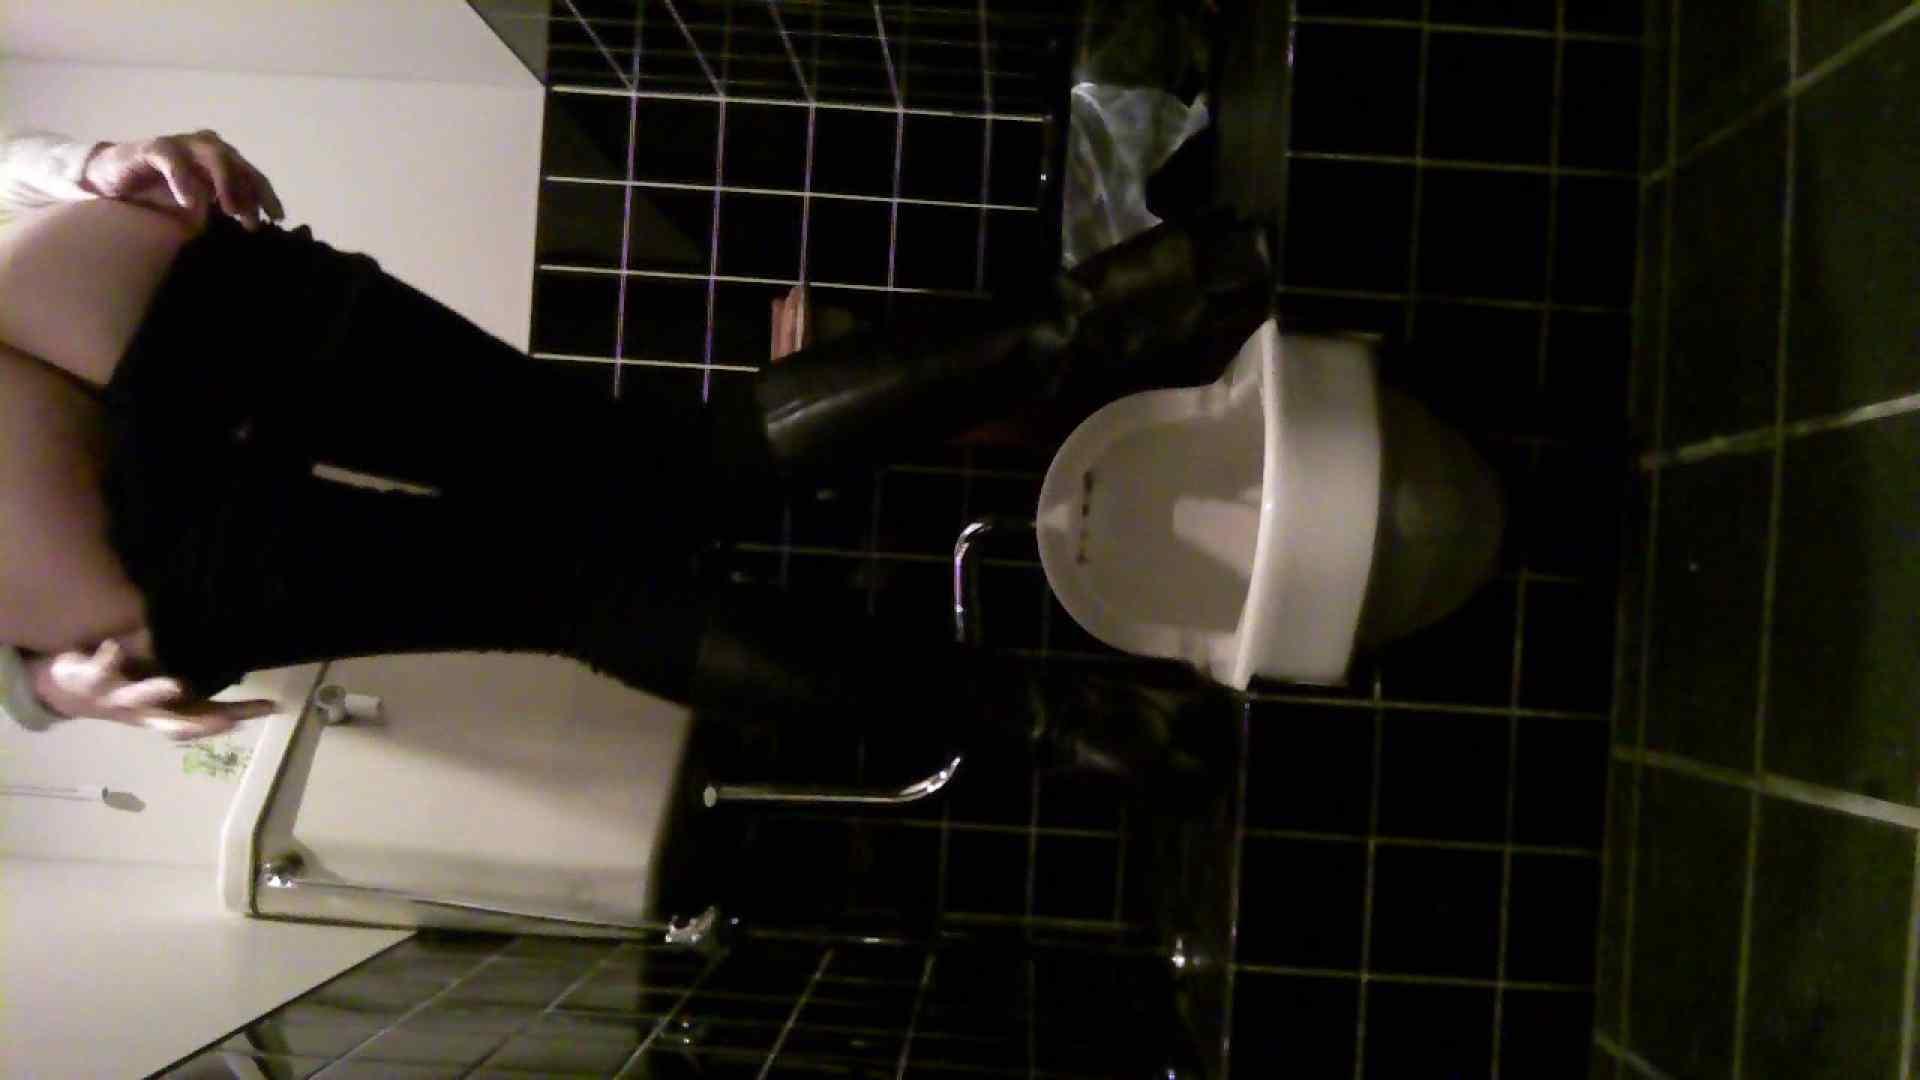 美女の集まる飲み屋洗面所 vol.05 美女ヌード | OLセックス  79画像 1